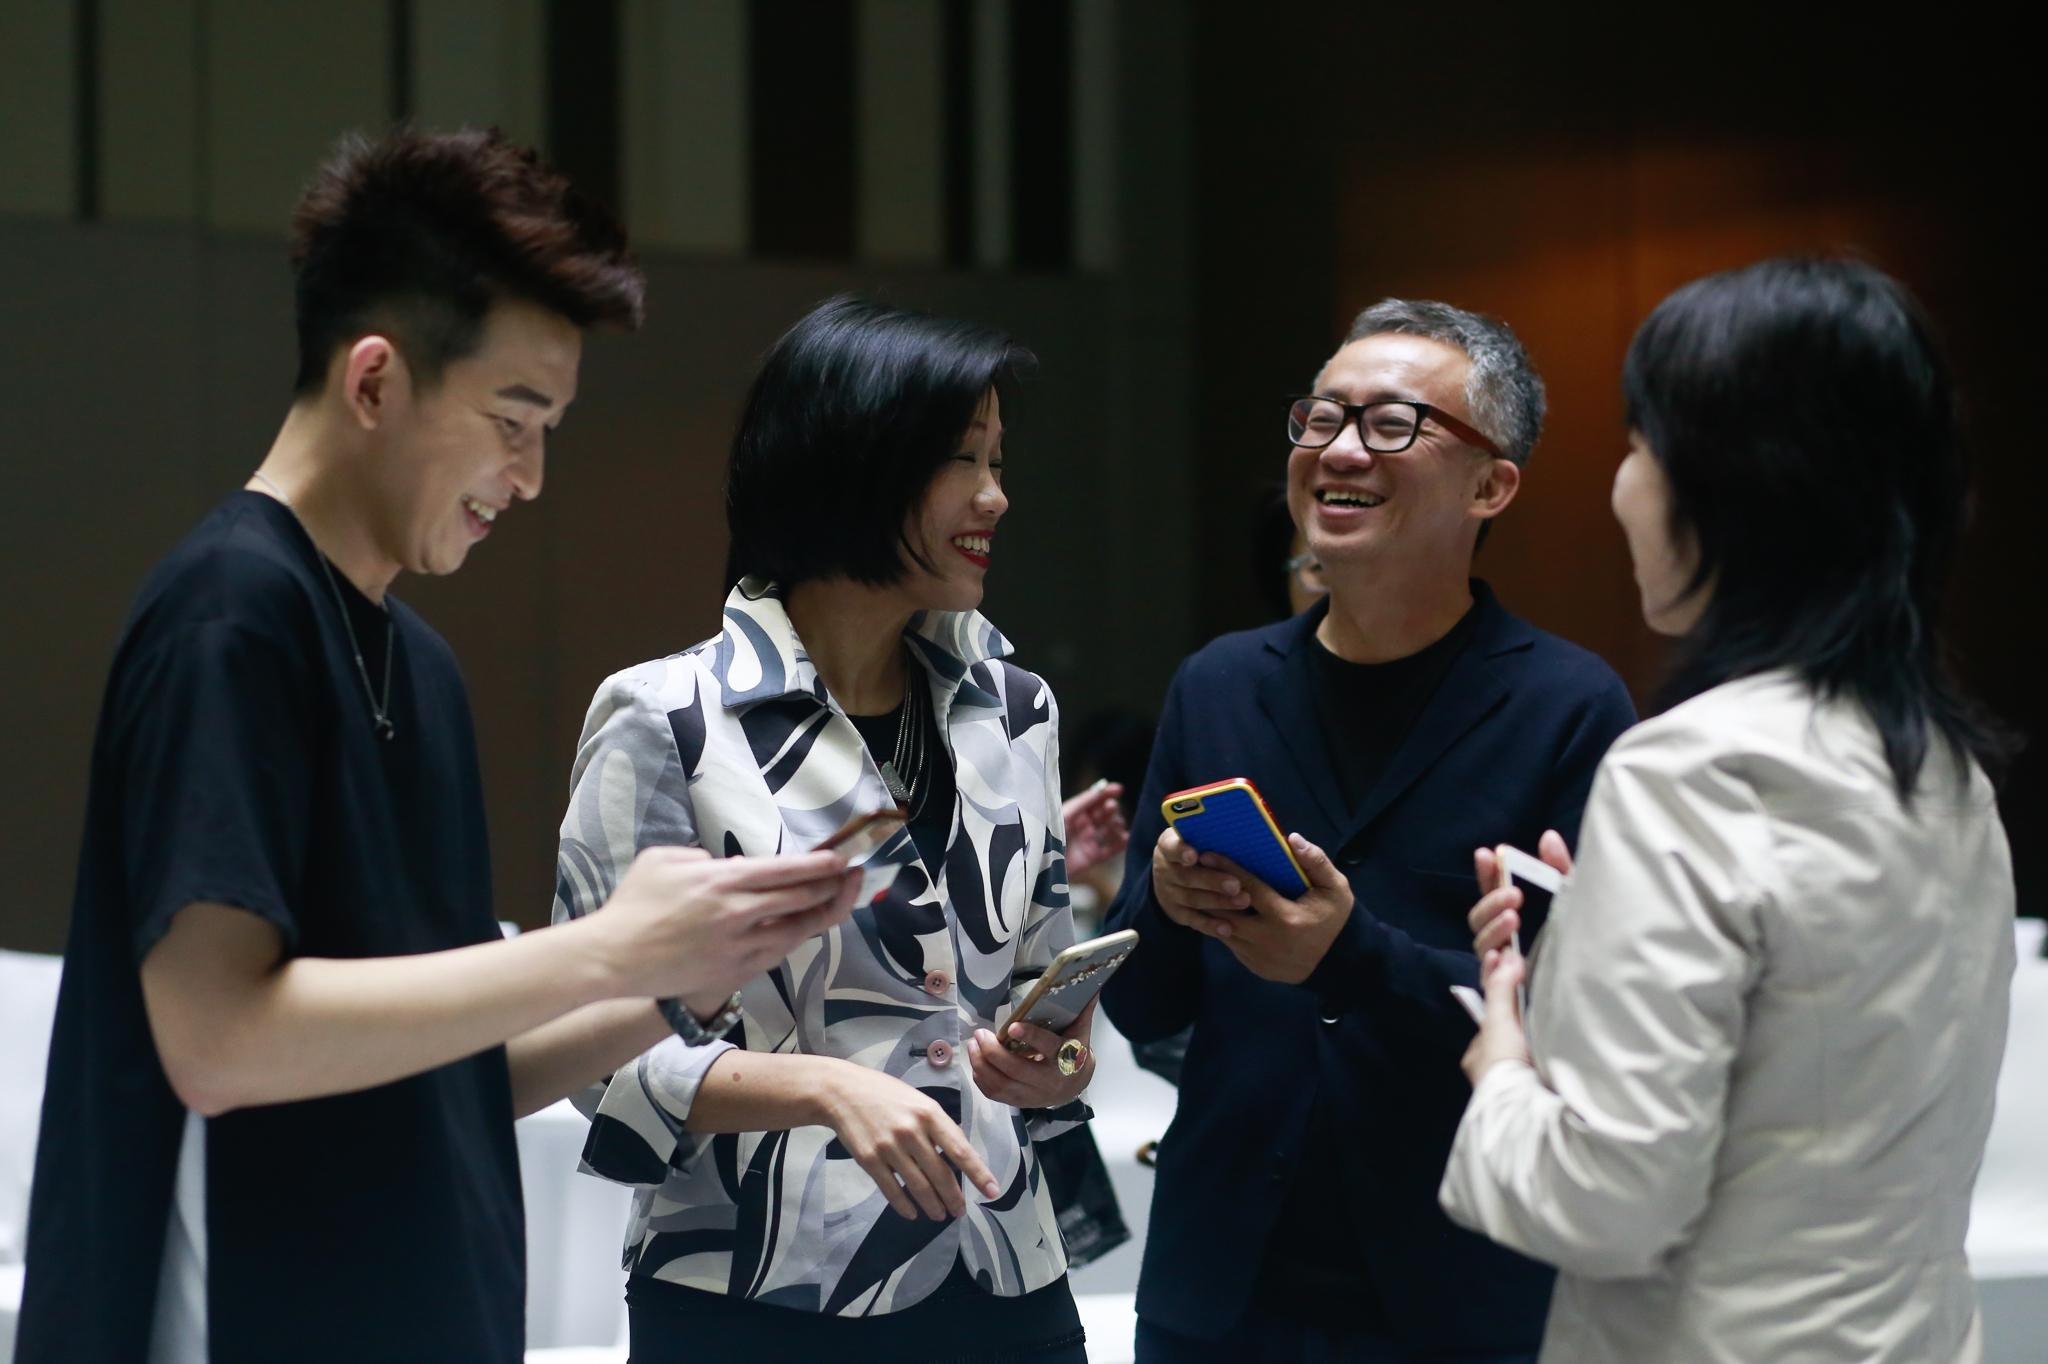 五四青年運動-event-記者會-寒舍艾美酒店-lemeridien-taipei-09.jpg